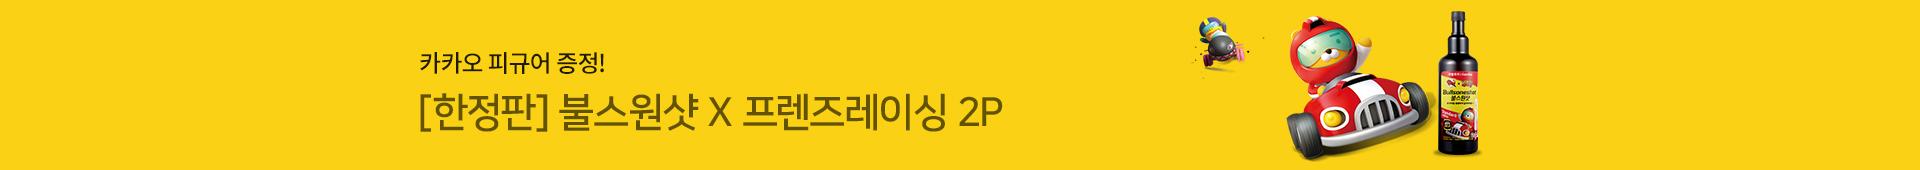 메인_띠배너2